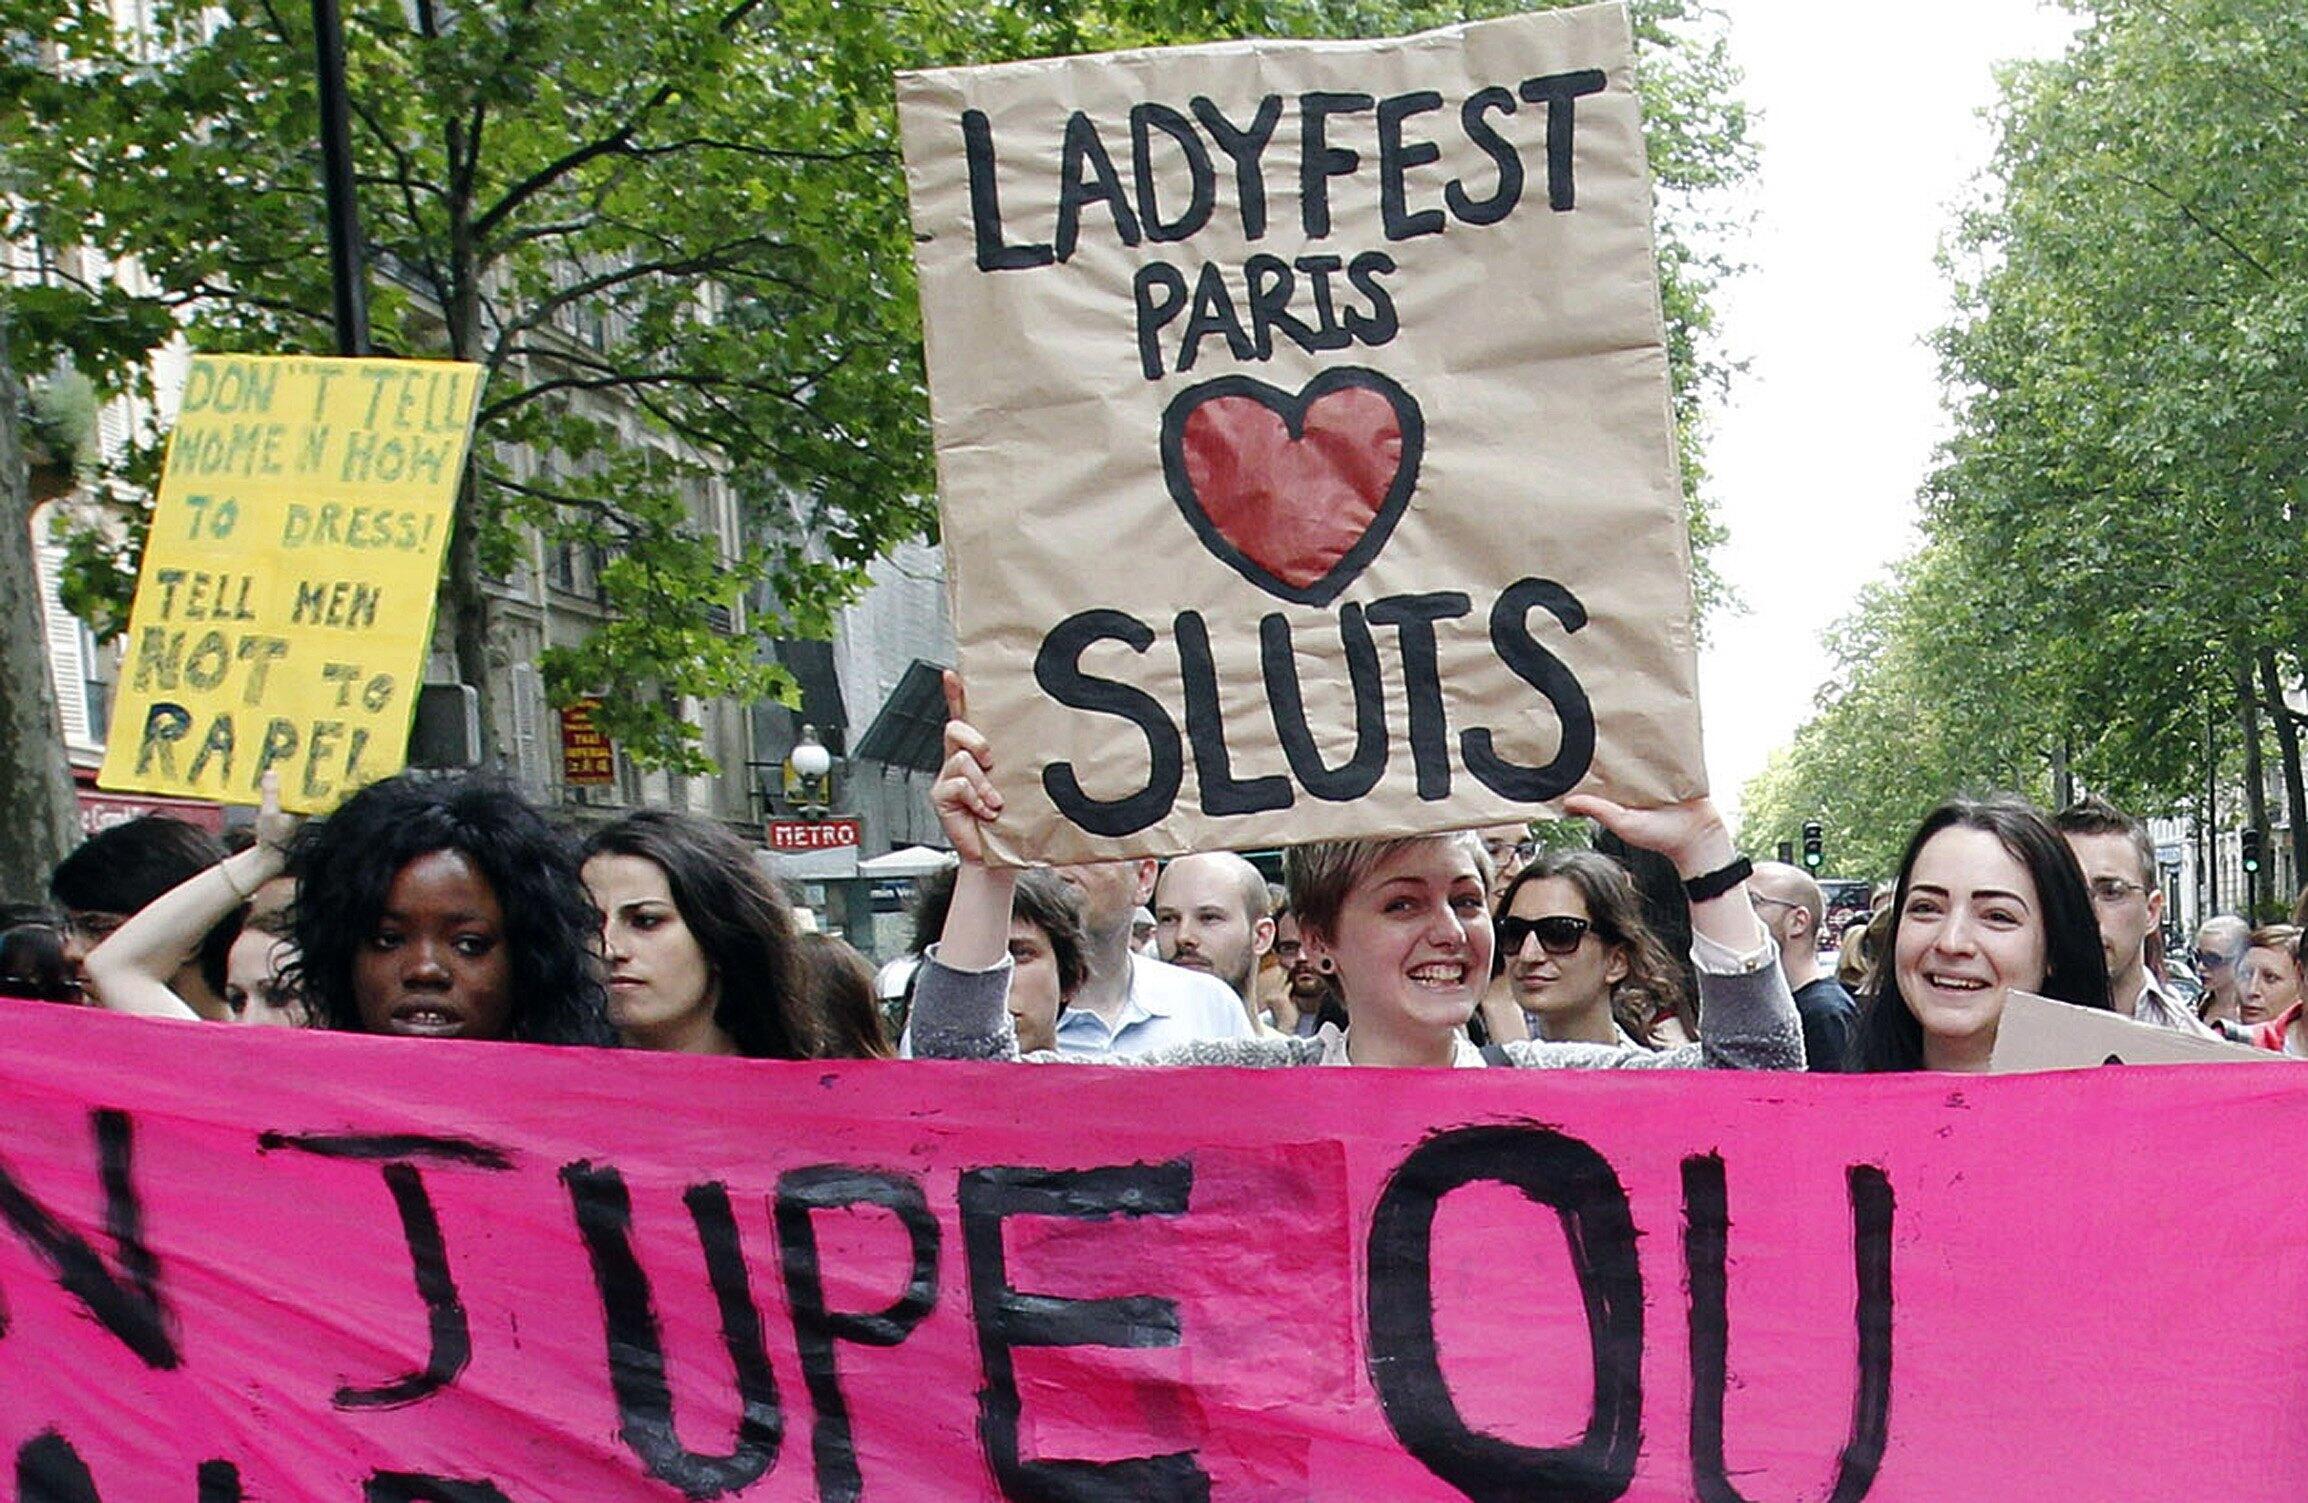 2011年5月22日,法国女性团体在巴黎组织反性别歧视,反强迫性行为和性犯罪集会游行。游行活动前一天,加拿大多伦多一名警员声称,女性如果不想遭遇袭击,就不要着装不雅。